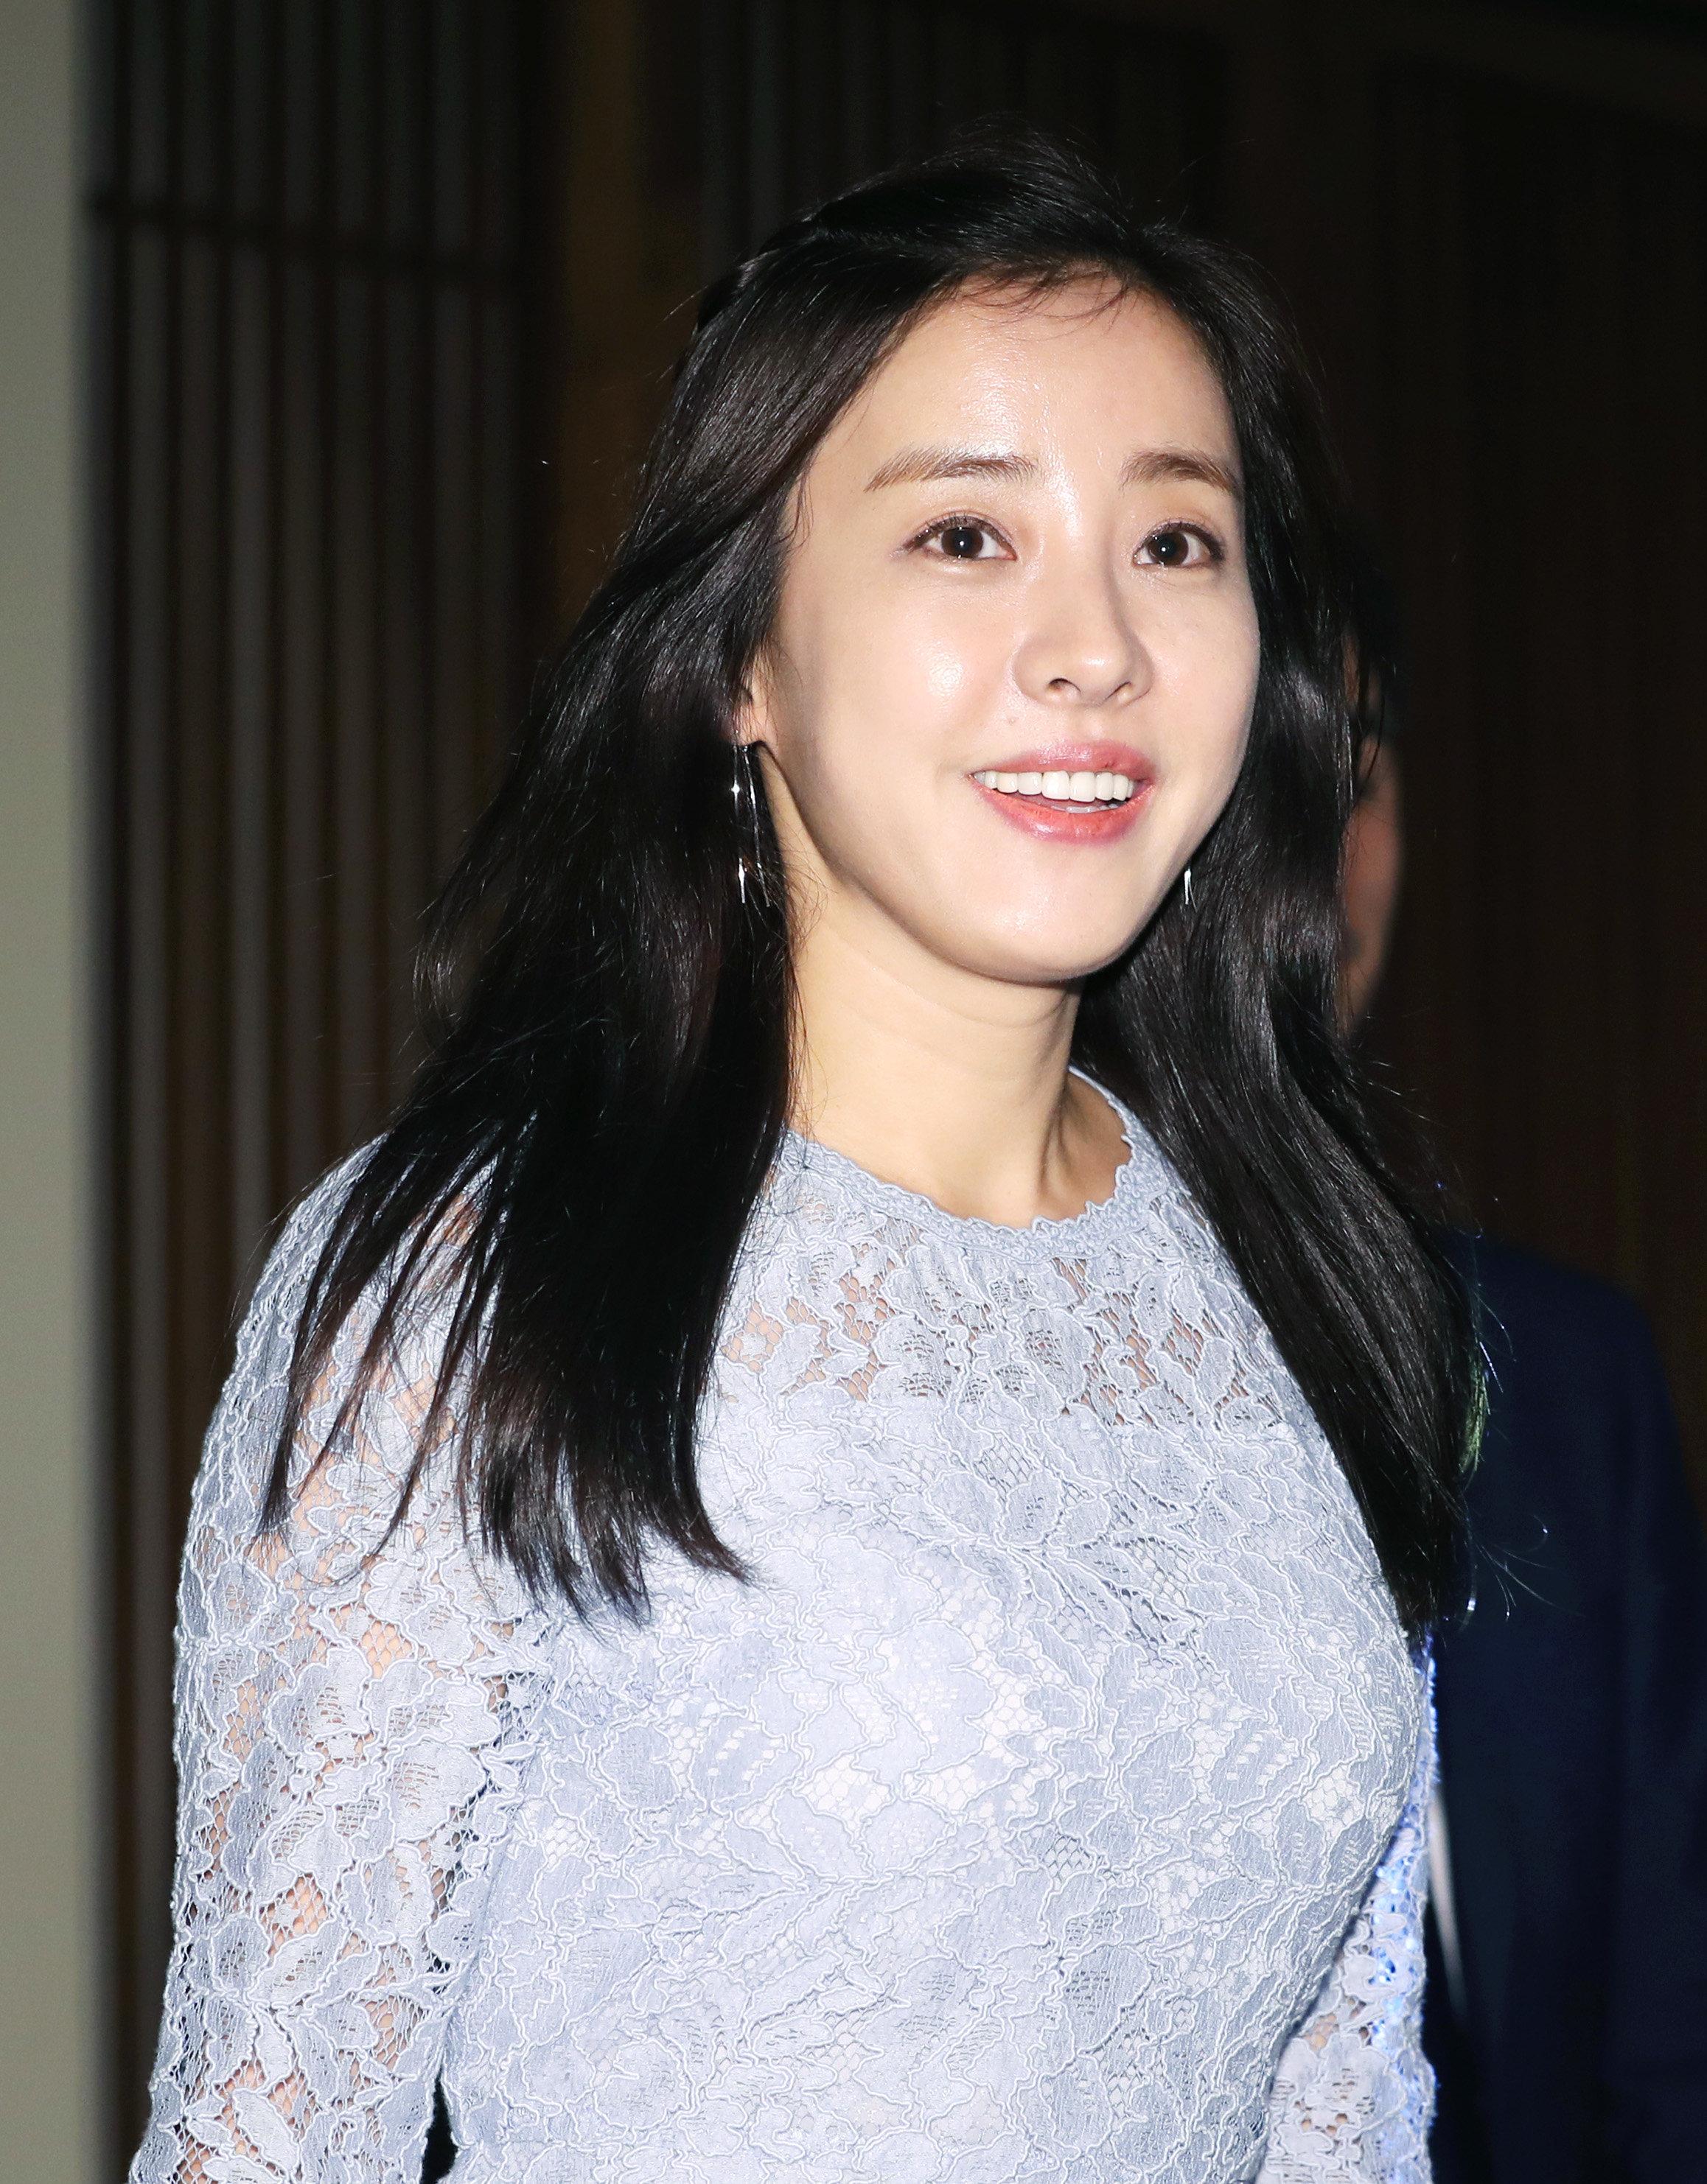 배우 박은혜가 11년 만에 이혼했다고 밝혔다 (공식 입장